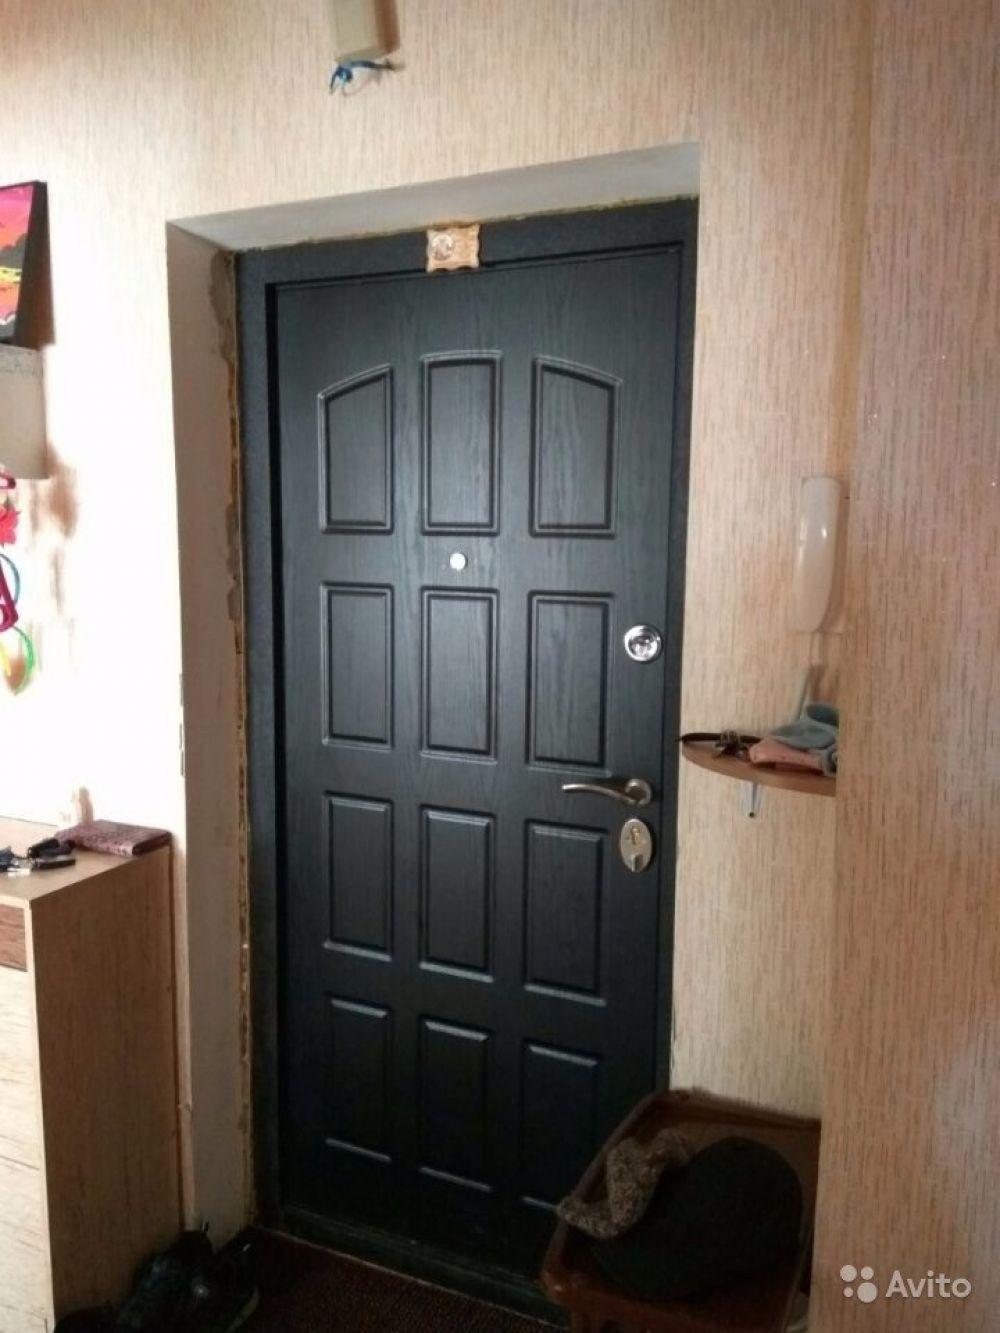 Однокомнатная квартира улучшенной планировки 47.6 м2, г. Щелково, Богородский мкр,10, фото 6